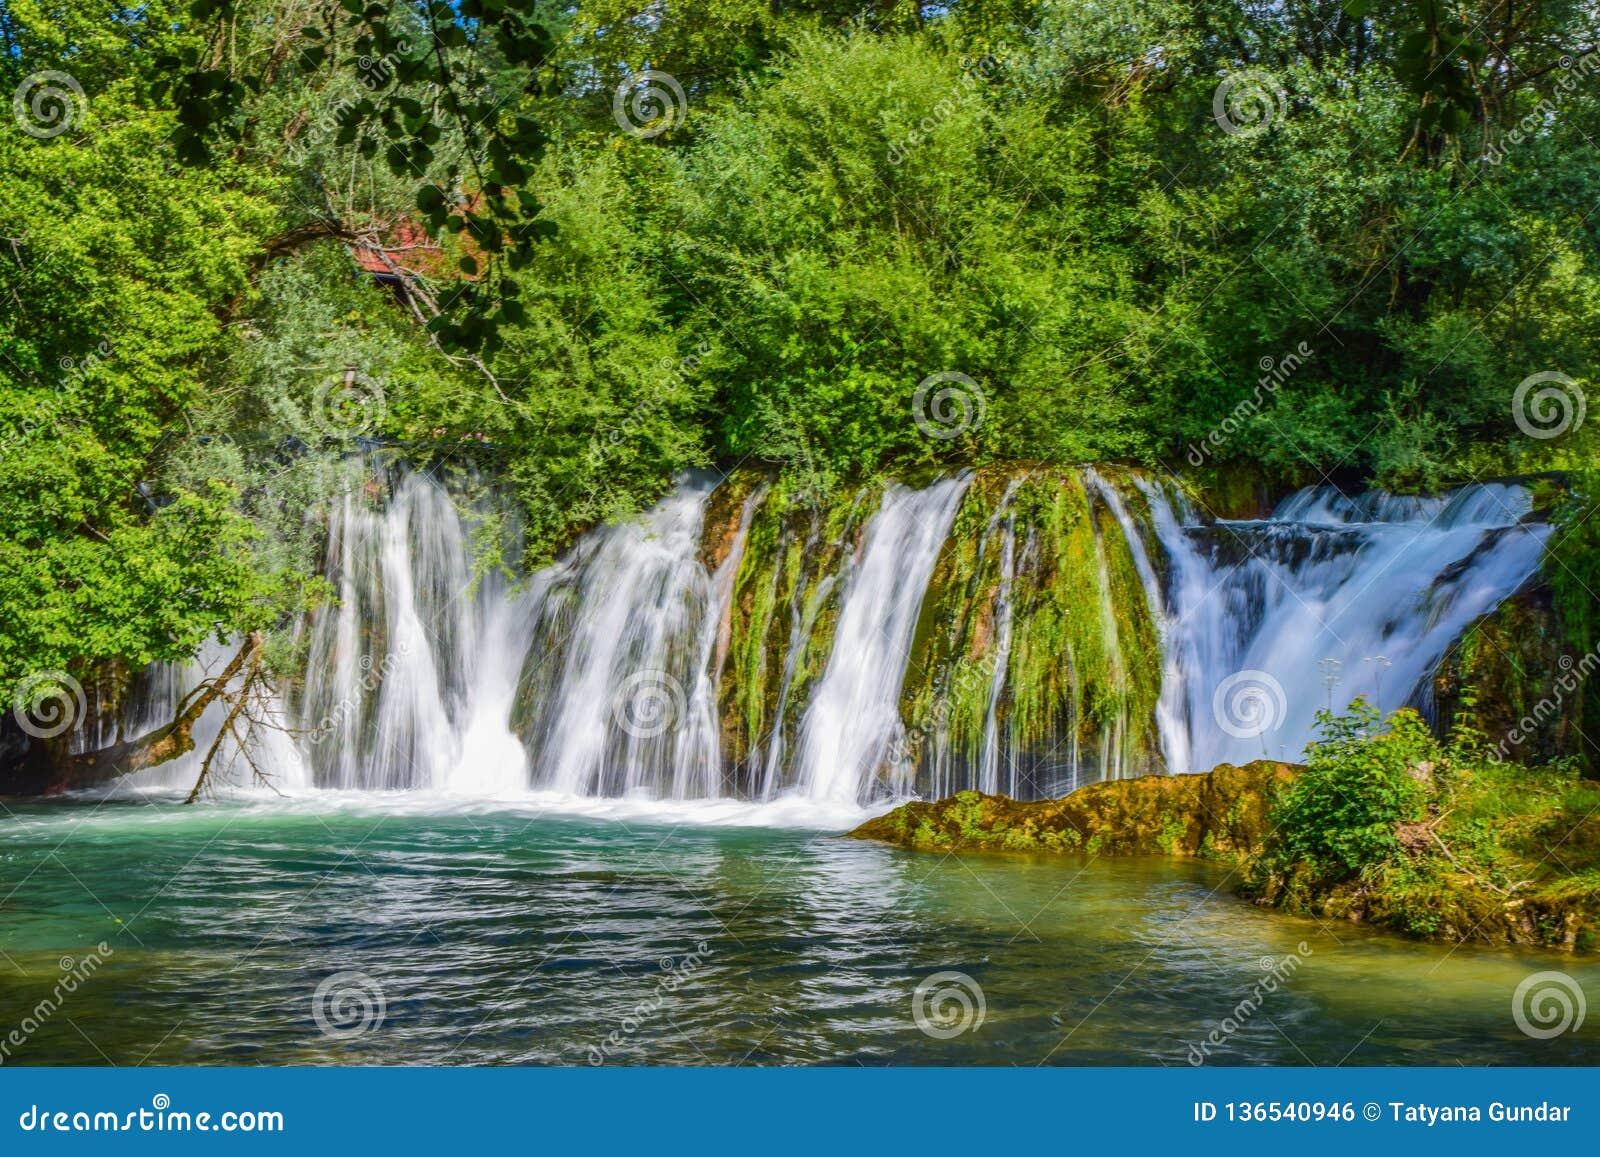 斯卢尼瀑布